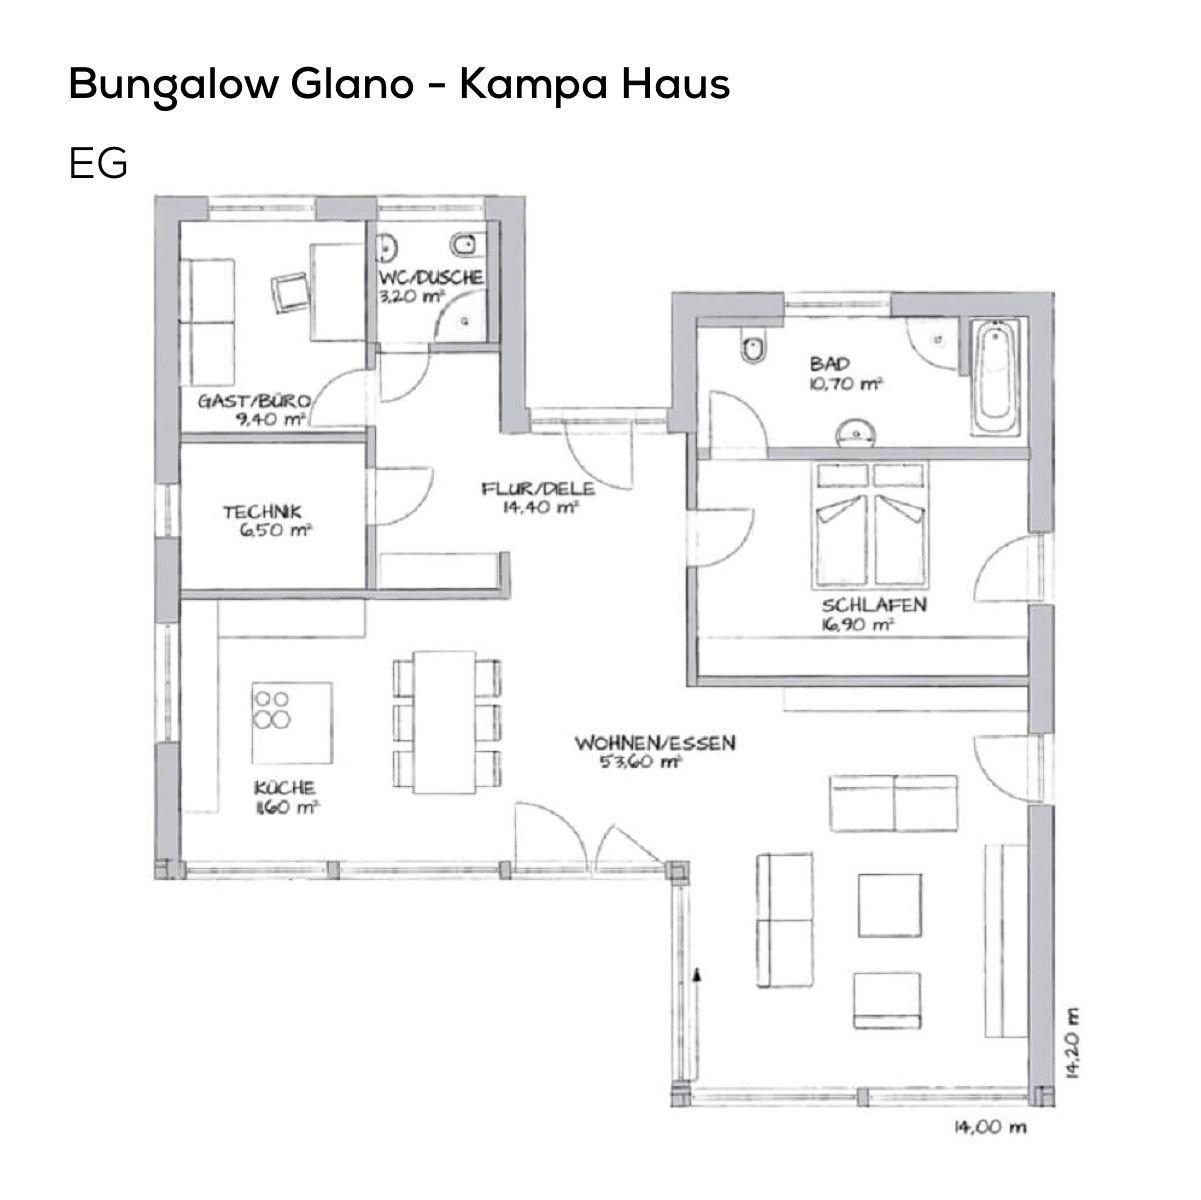 Grundriss Bungalow Haus mit Pultdach & Fachwerk